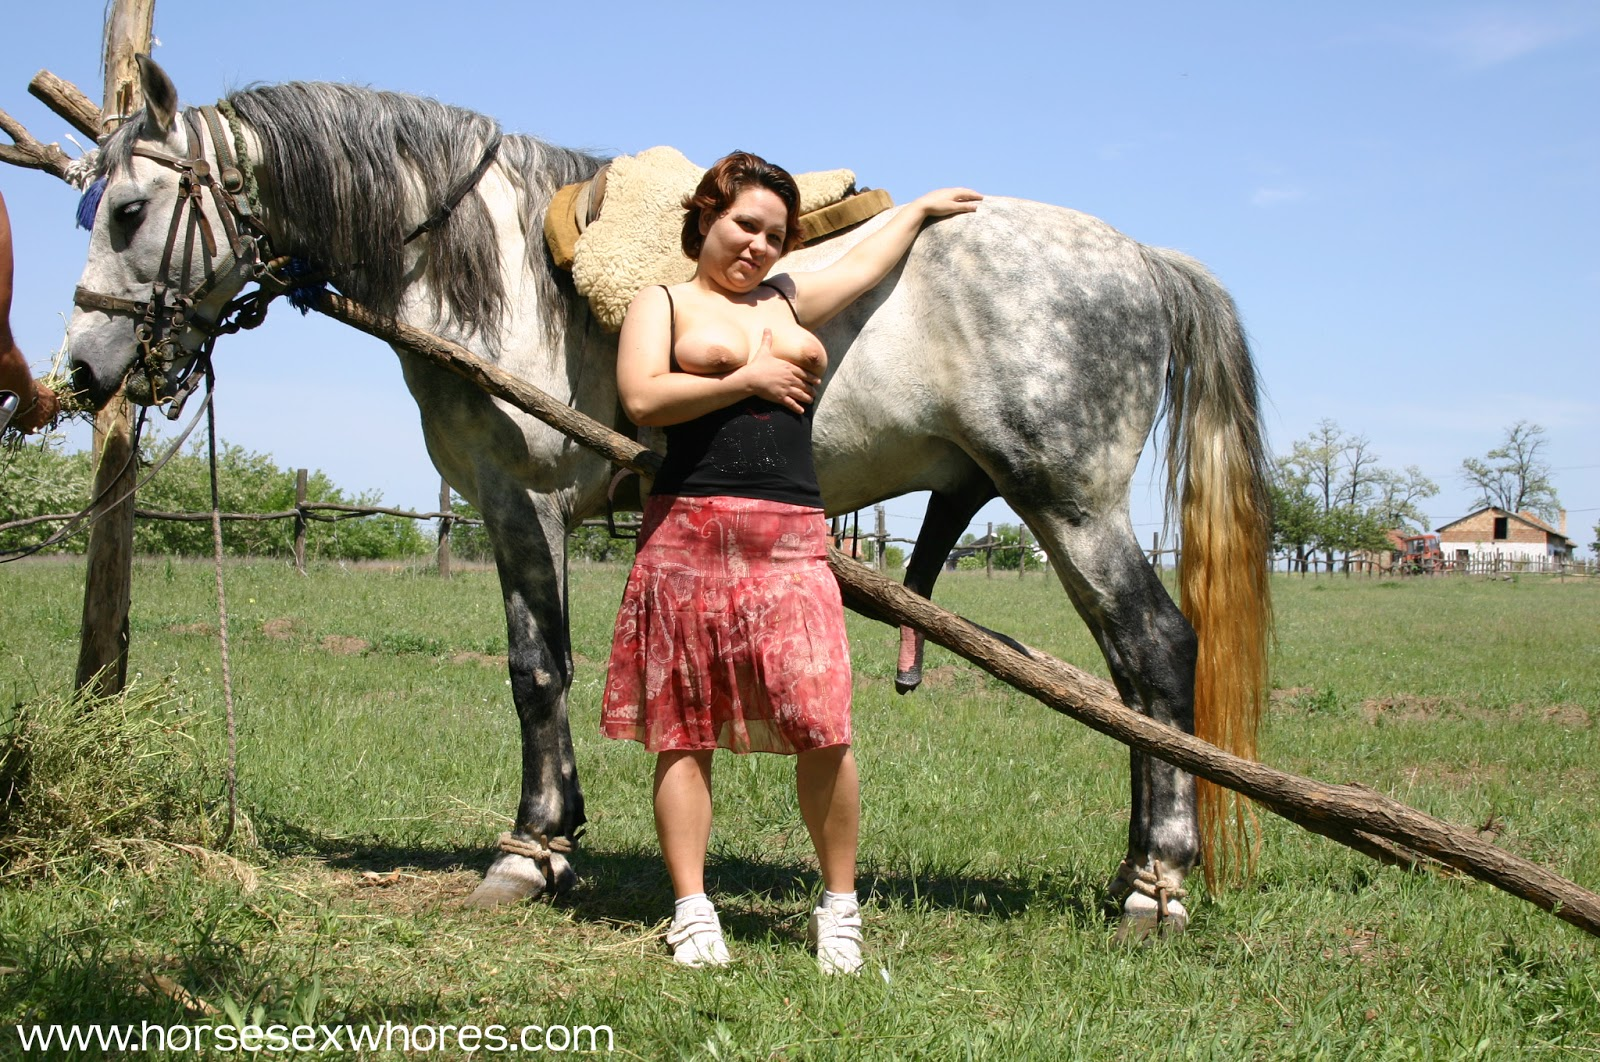 Maturelover Mature Love Horse-2614